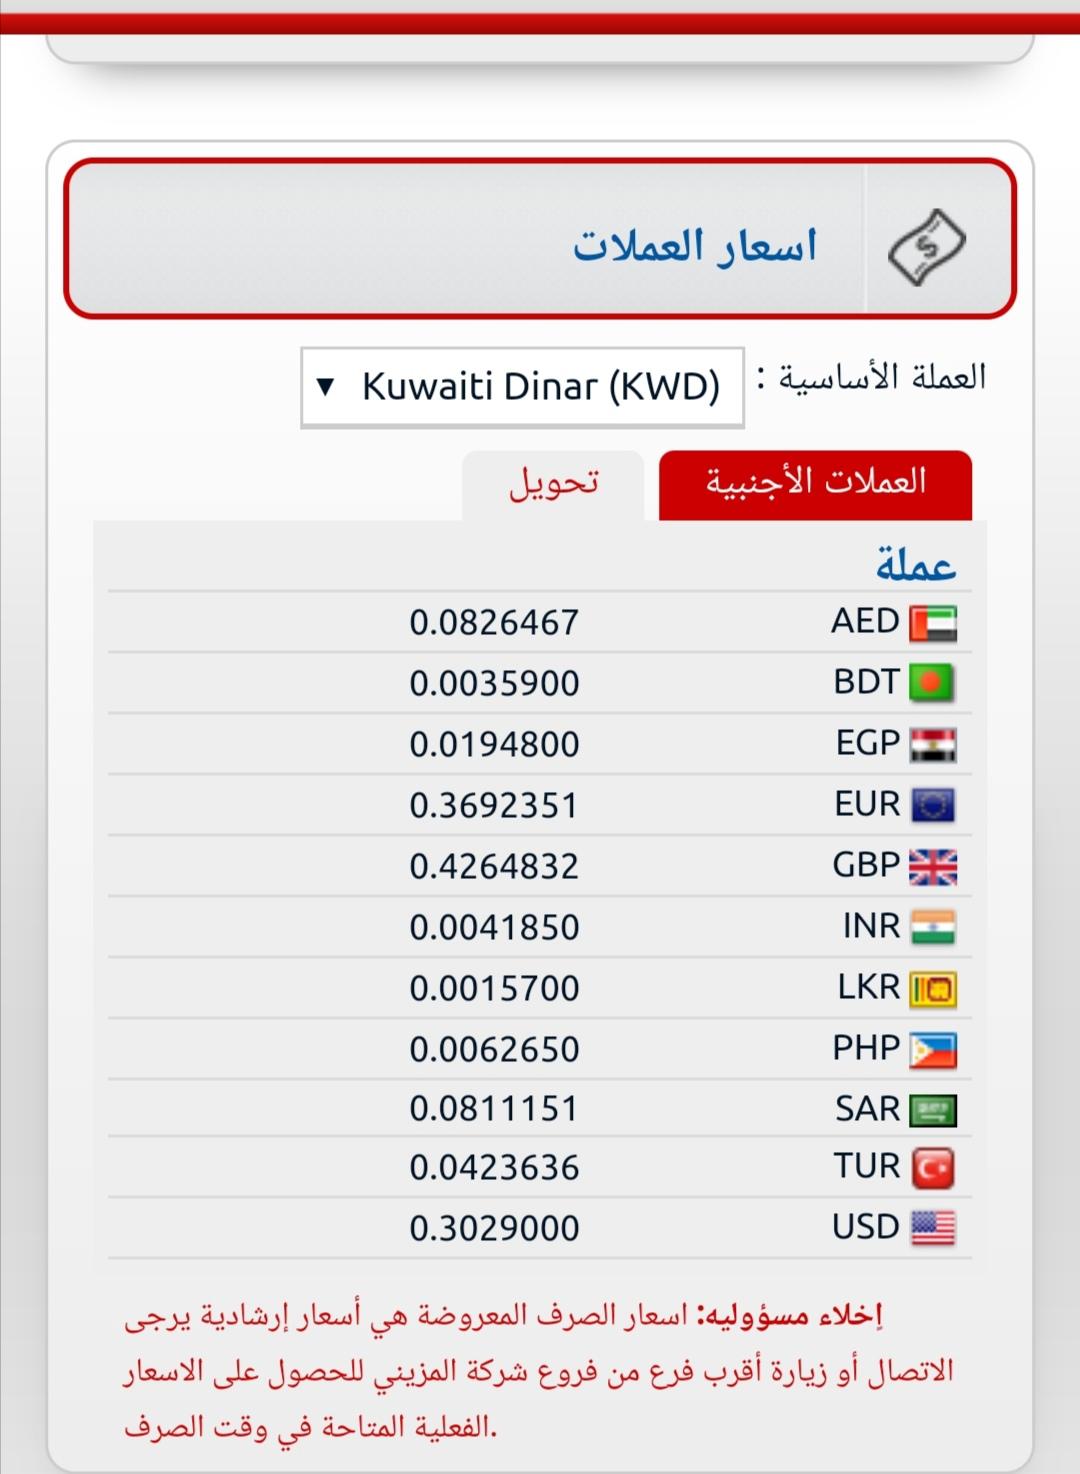 سعر تحويل الدينار الكويتى. في صرافة المزيني العملات في سوق الصرافات في الكويت ٣ مارس ٢٠٢١